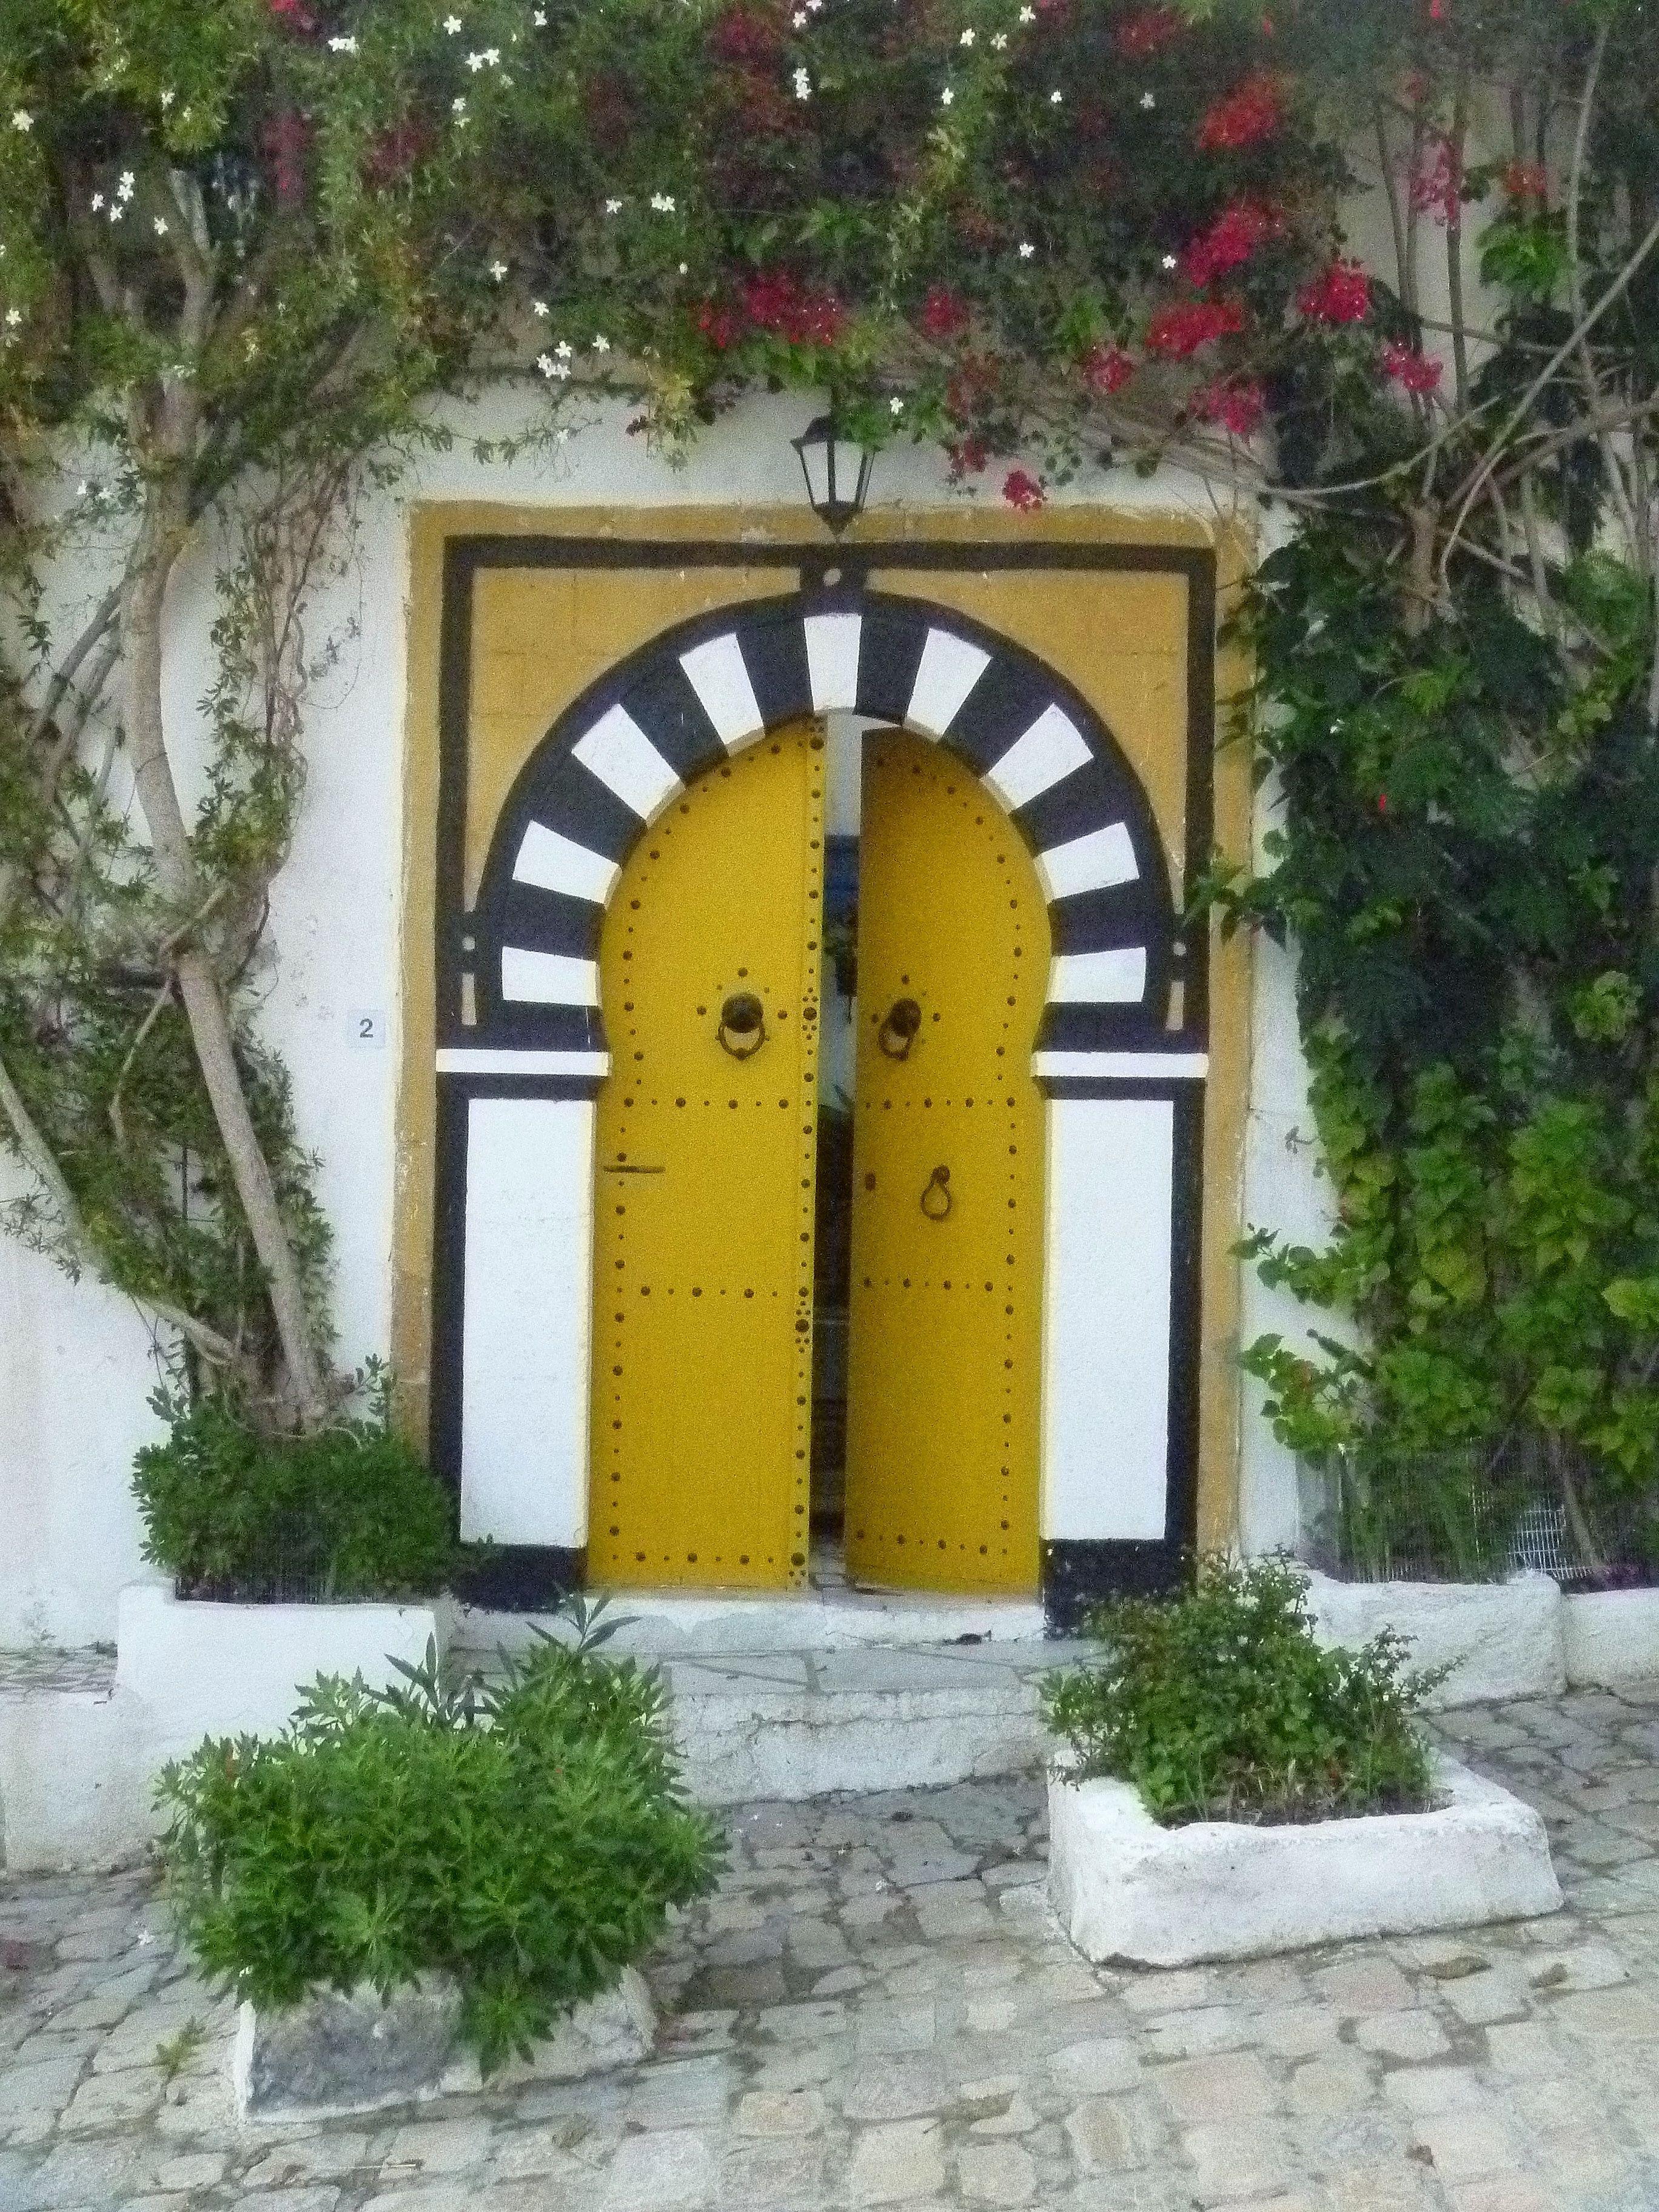 Ma tunisie petite plan te for Decoration porte sidi bou said